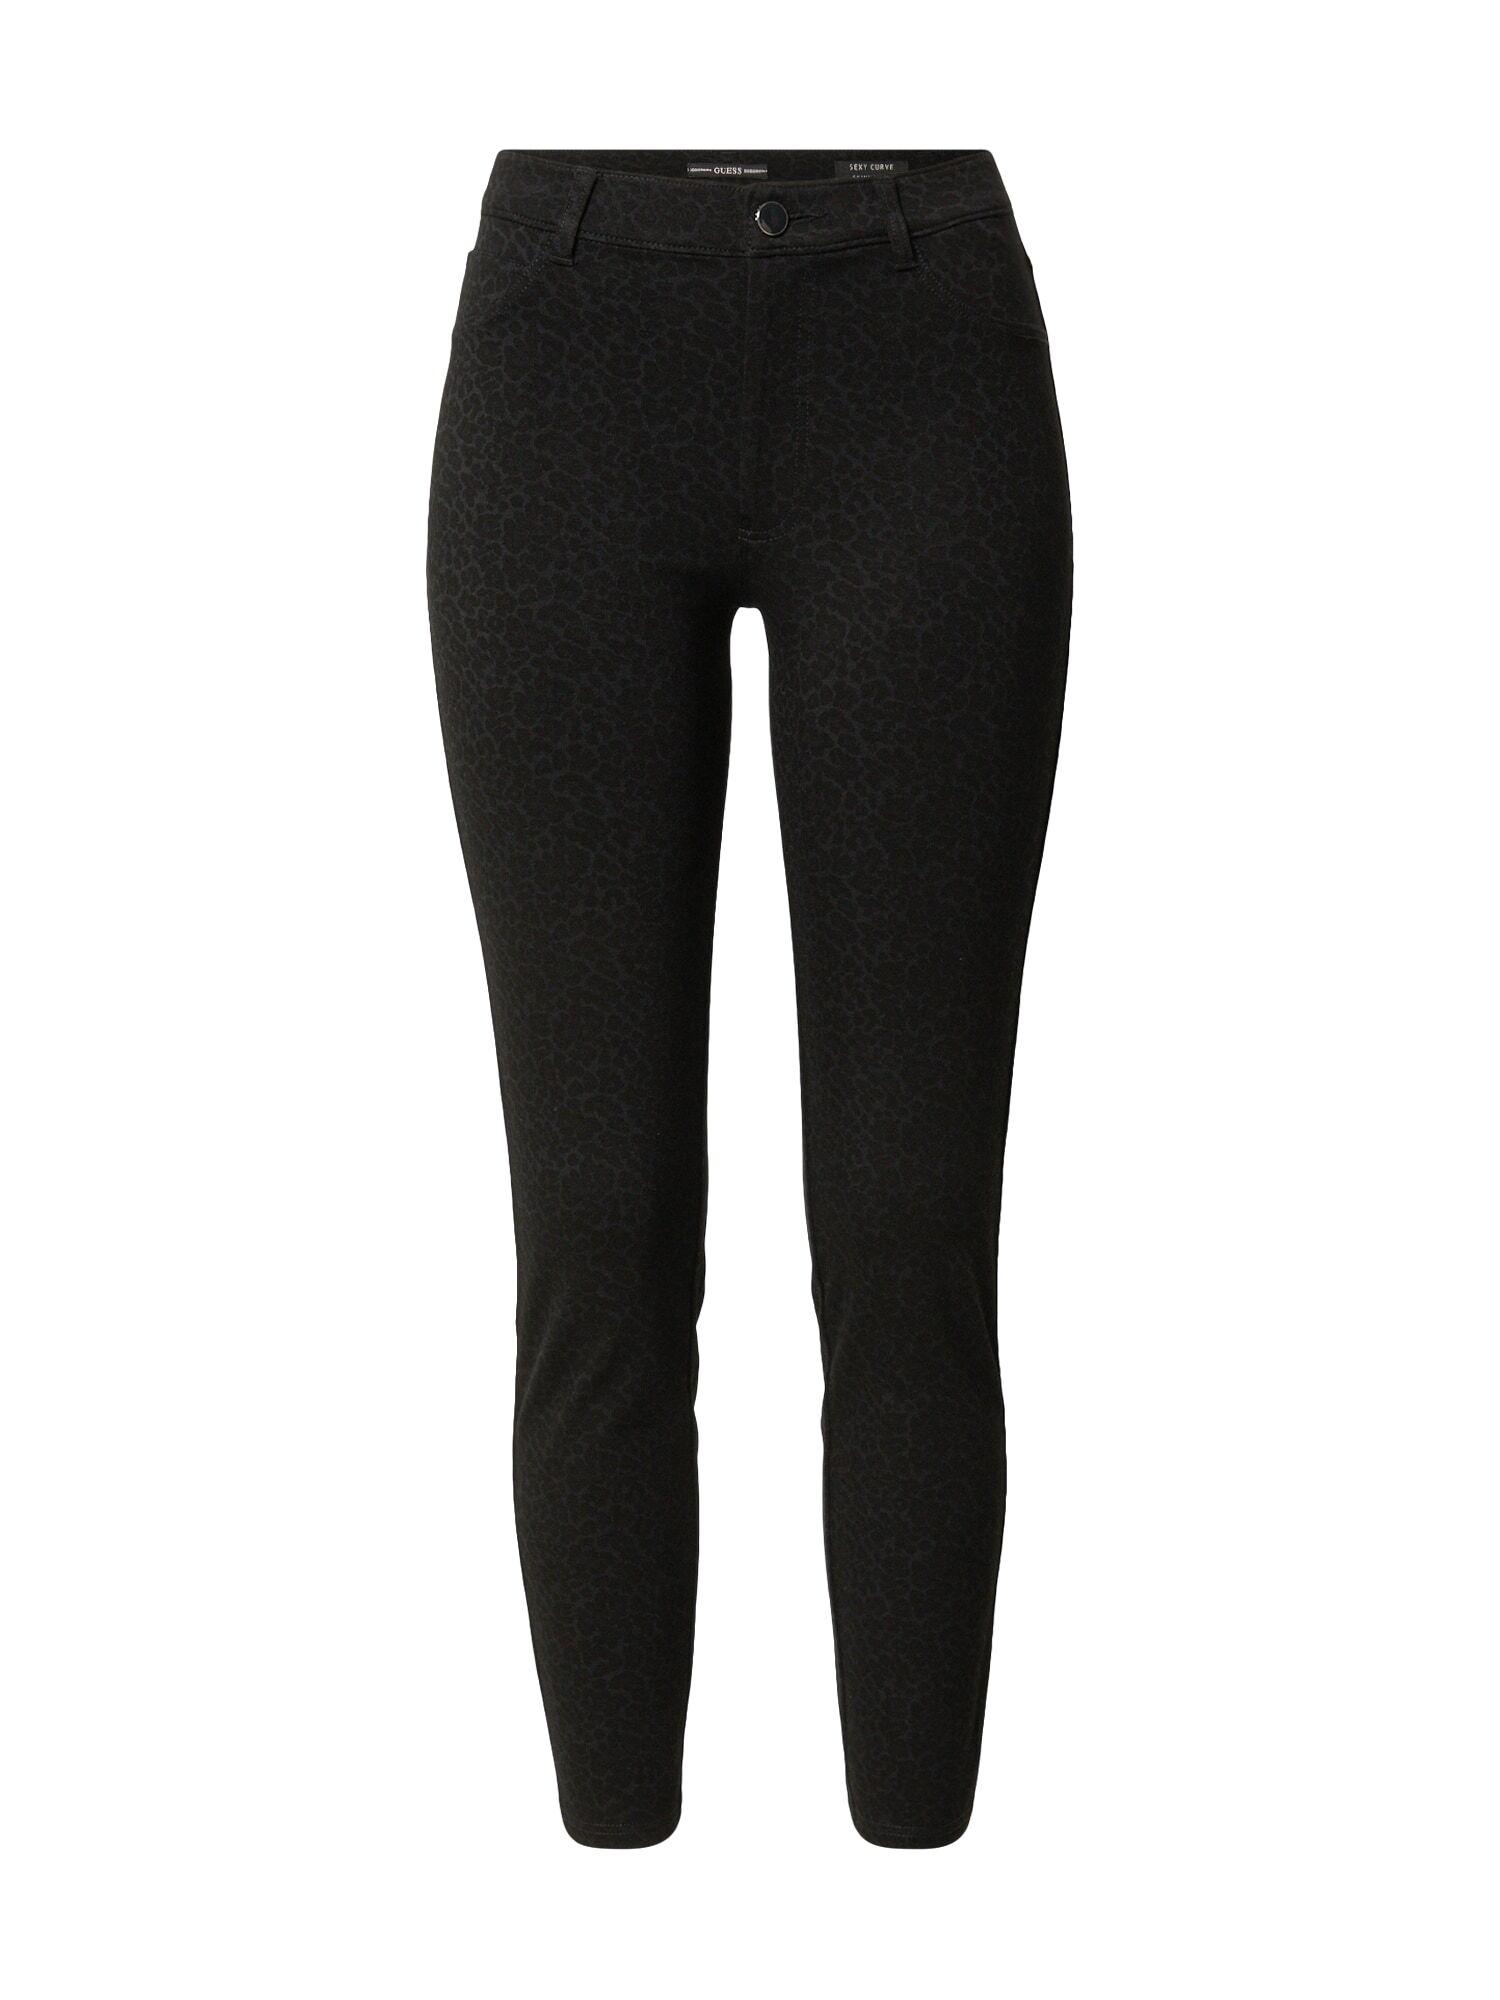 GUESS Pantalon 'SEXY CURVE'  - Noir - Taille: 30 - female